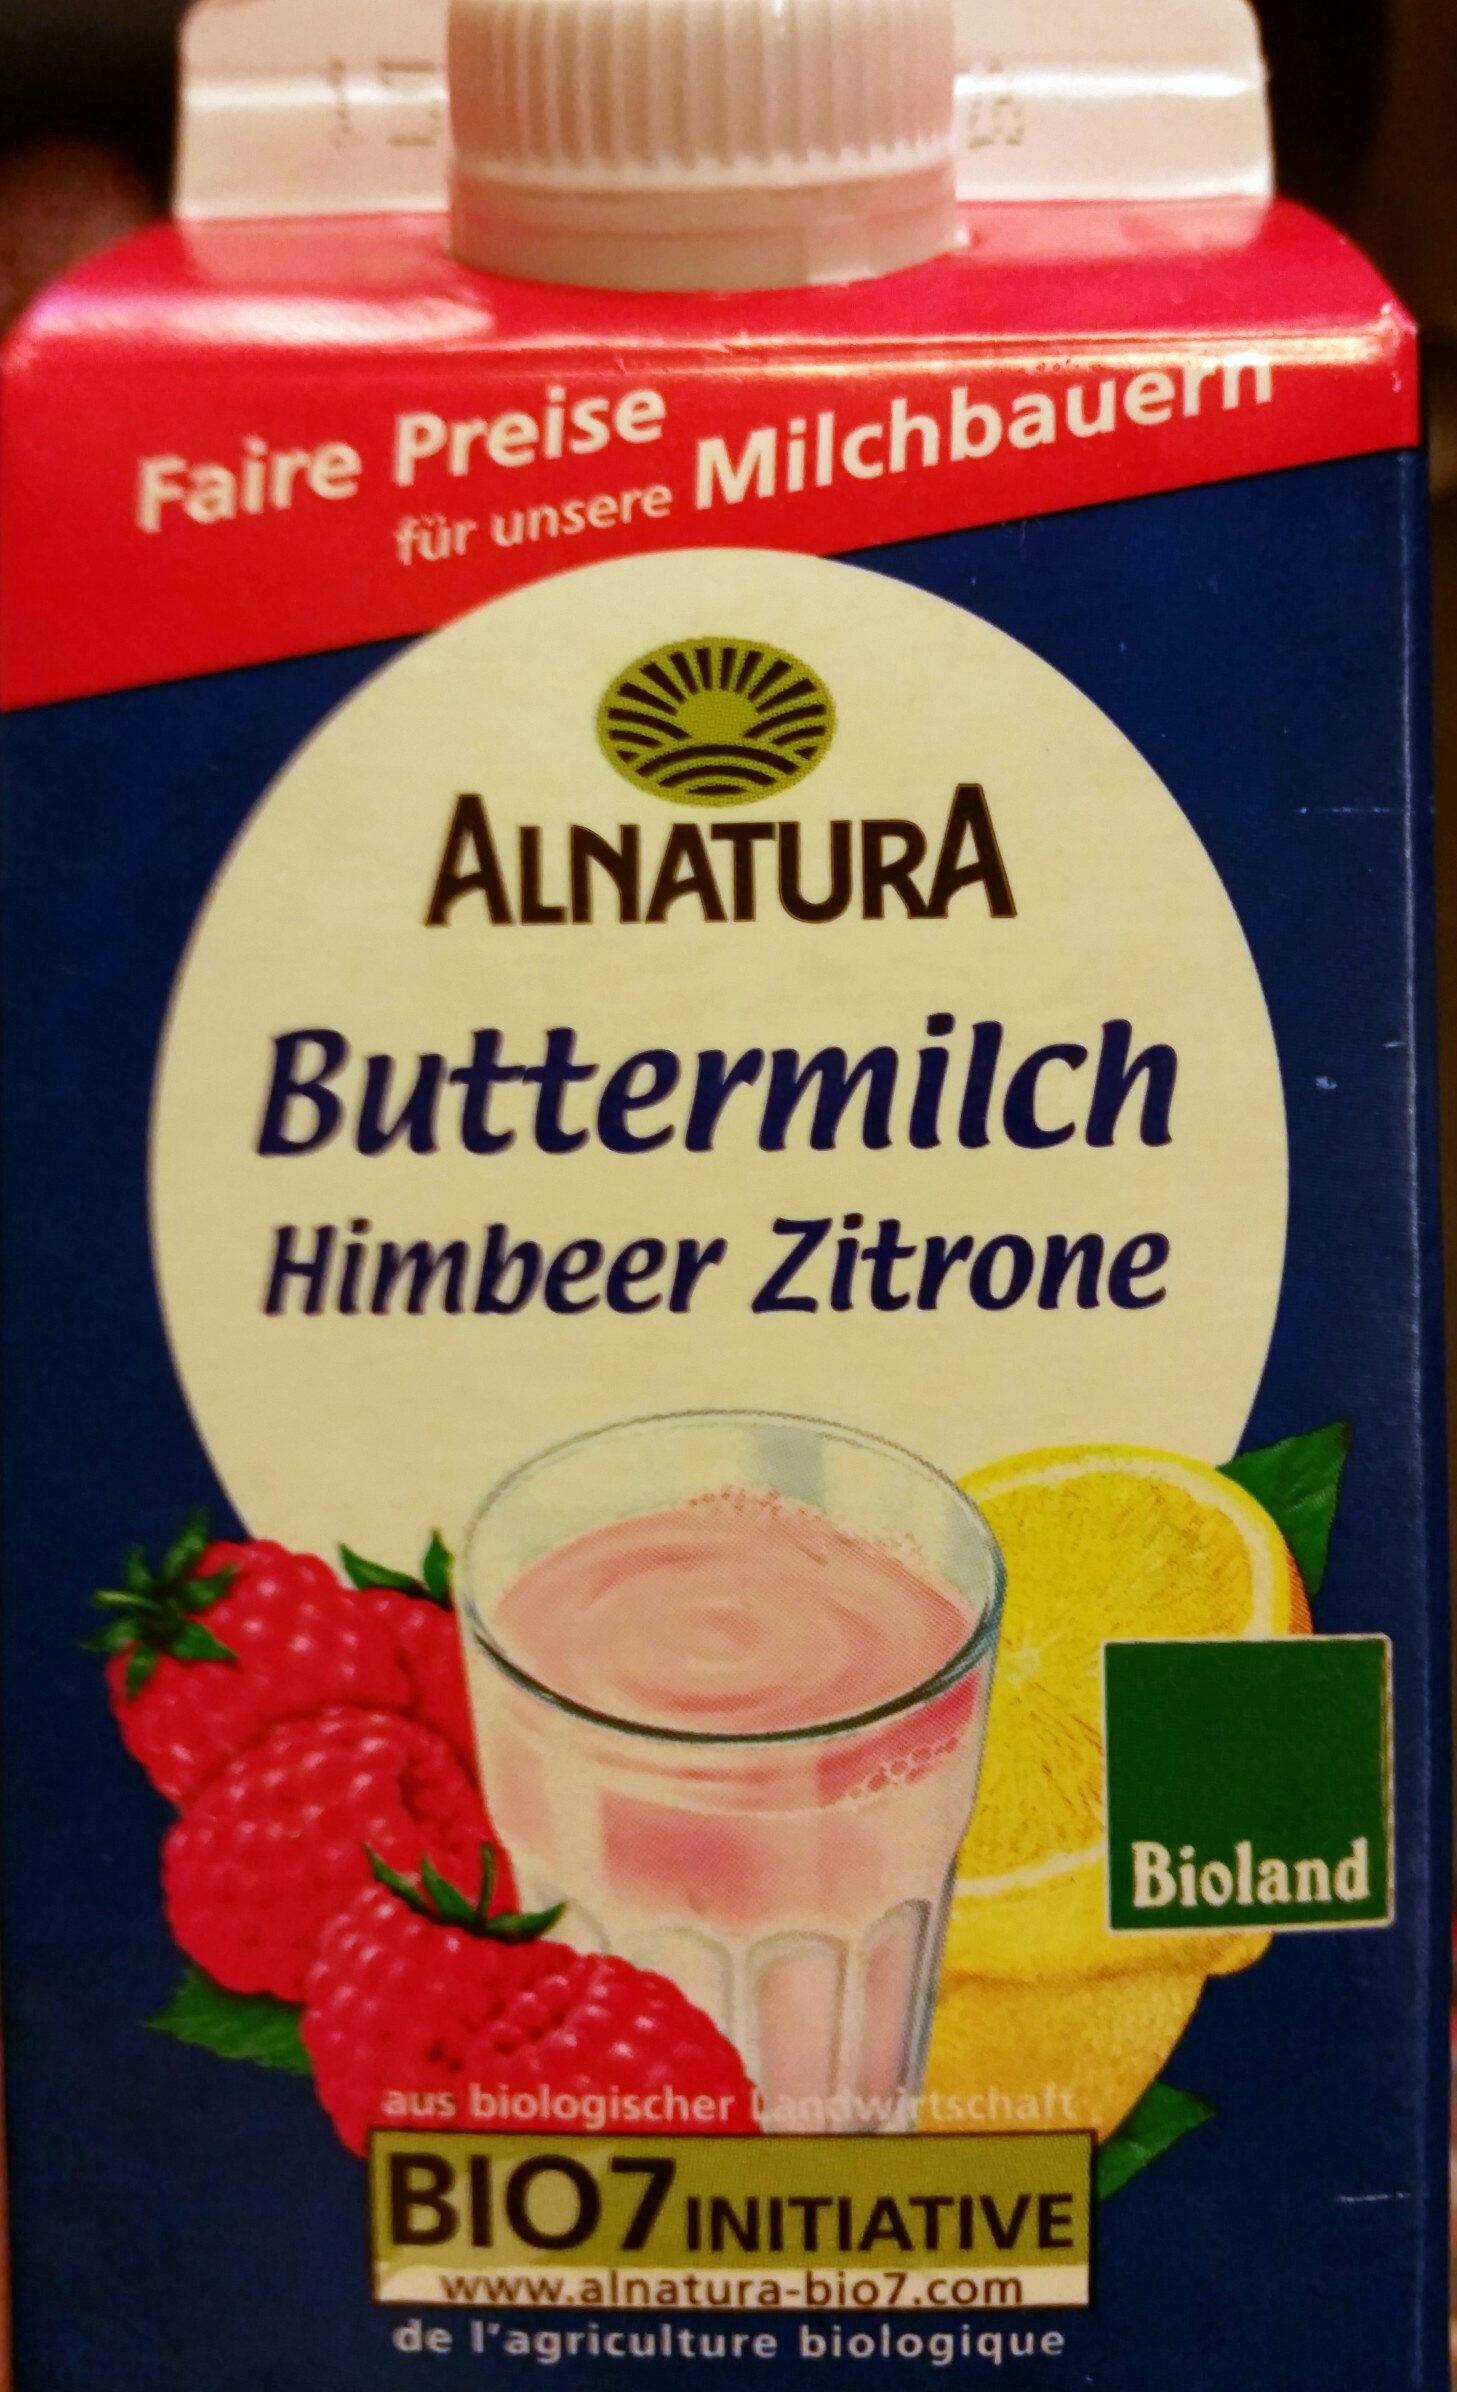 Alnatura Bio Buttermilch mit Fruchtzubereitung, 0,6% Fett im Milchanteil - Product - de